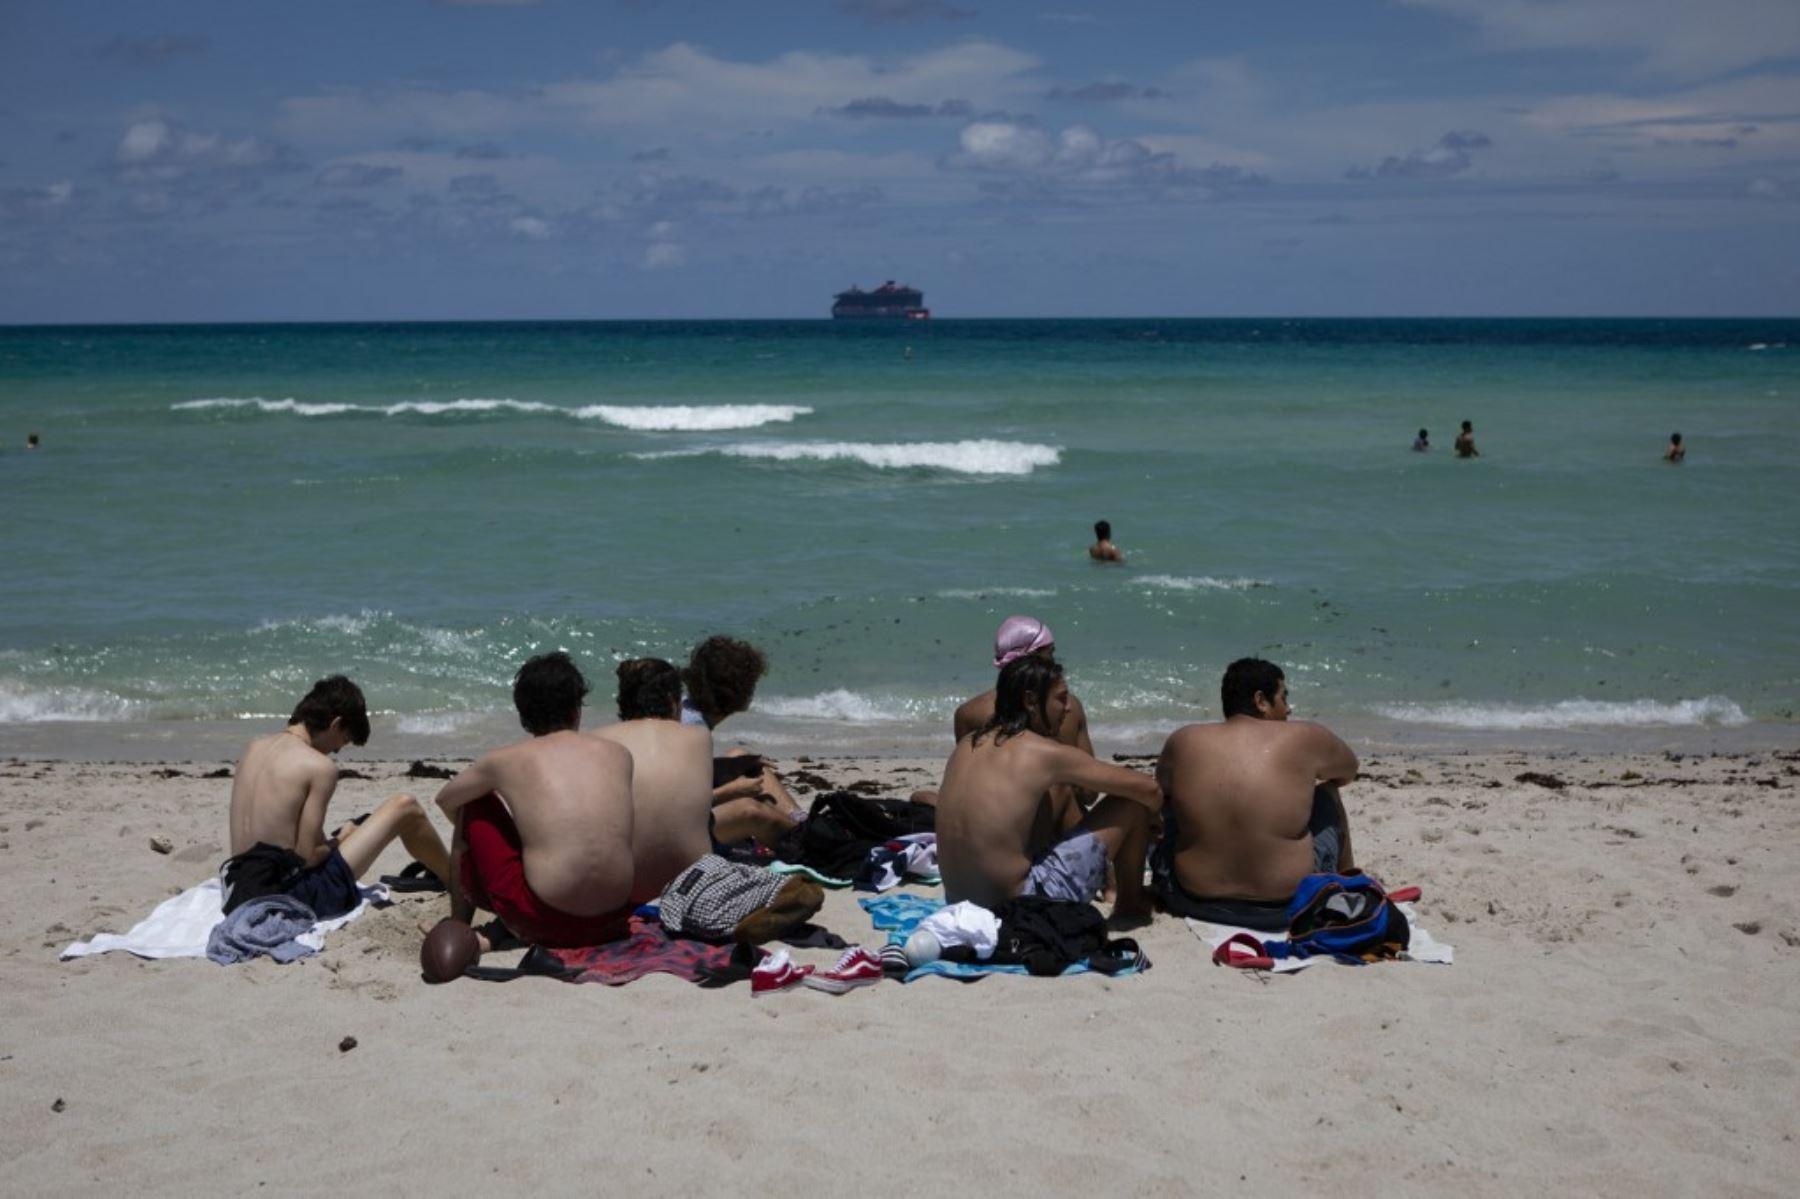 Bañistas toman el sol en Miami Beach, Florida. Foto: AFP